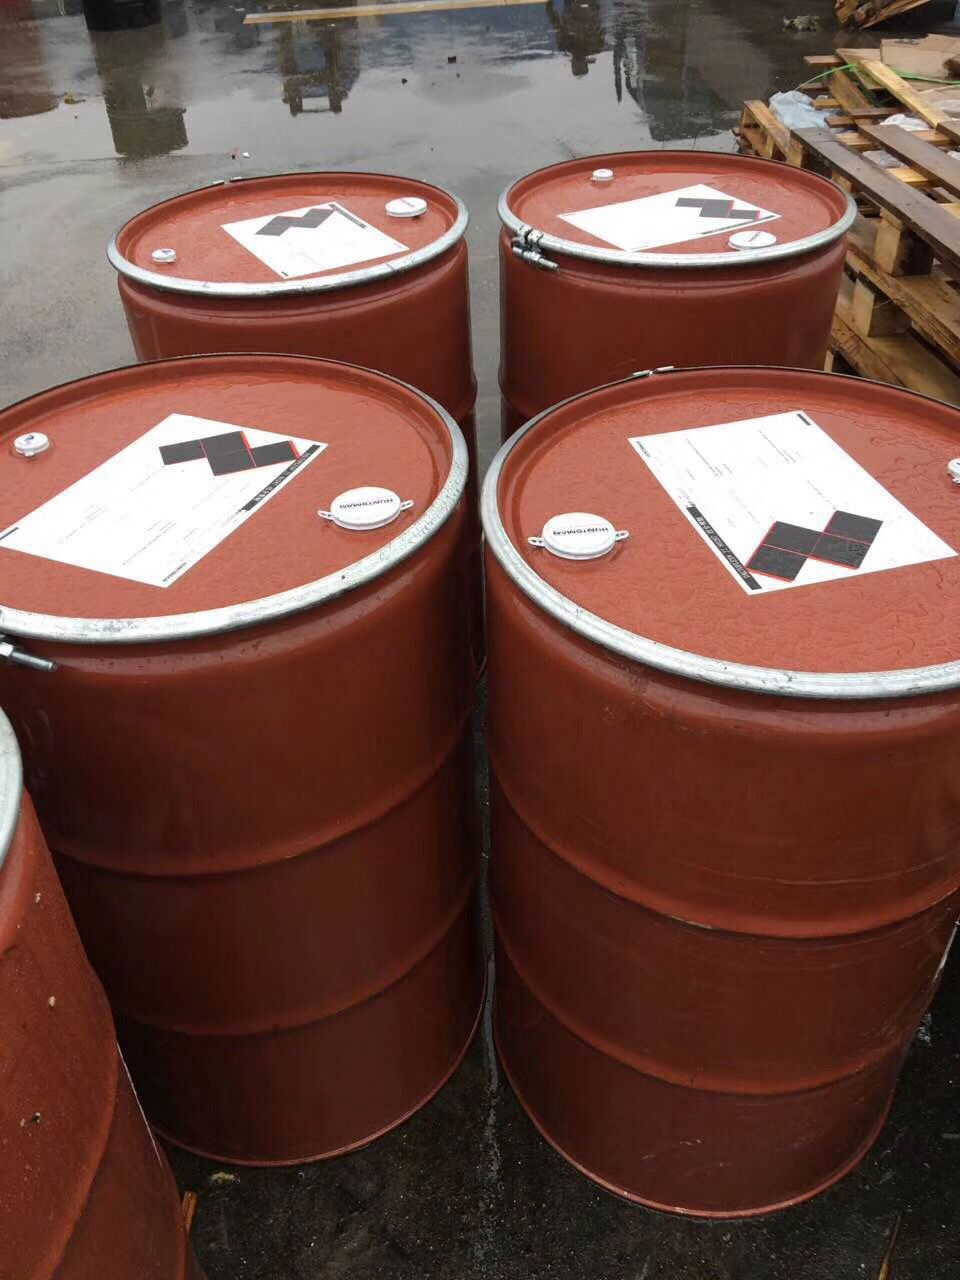 广州回收异氰酸酯 回收海绵发泡原料 这里报价更便宜